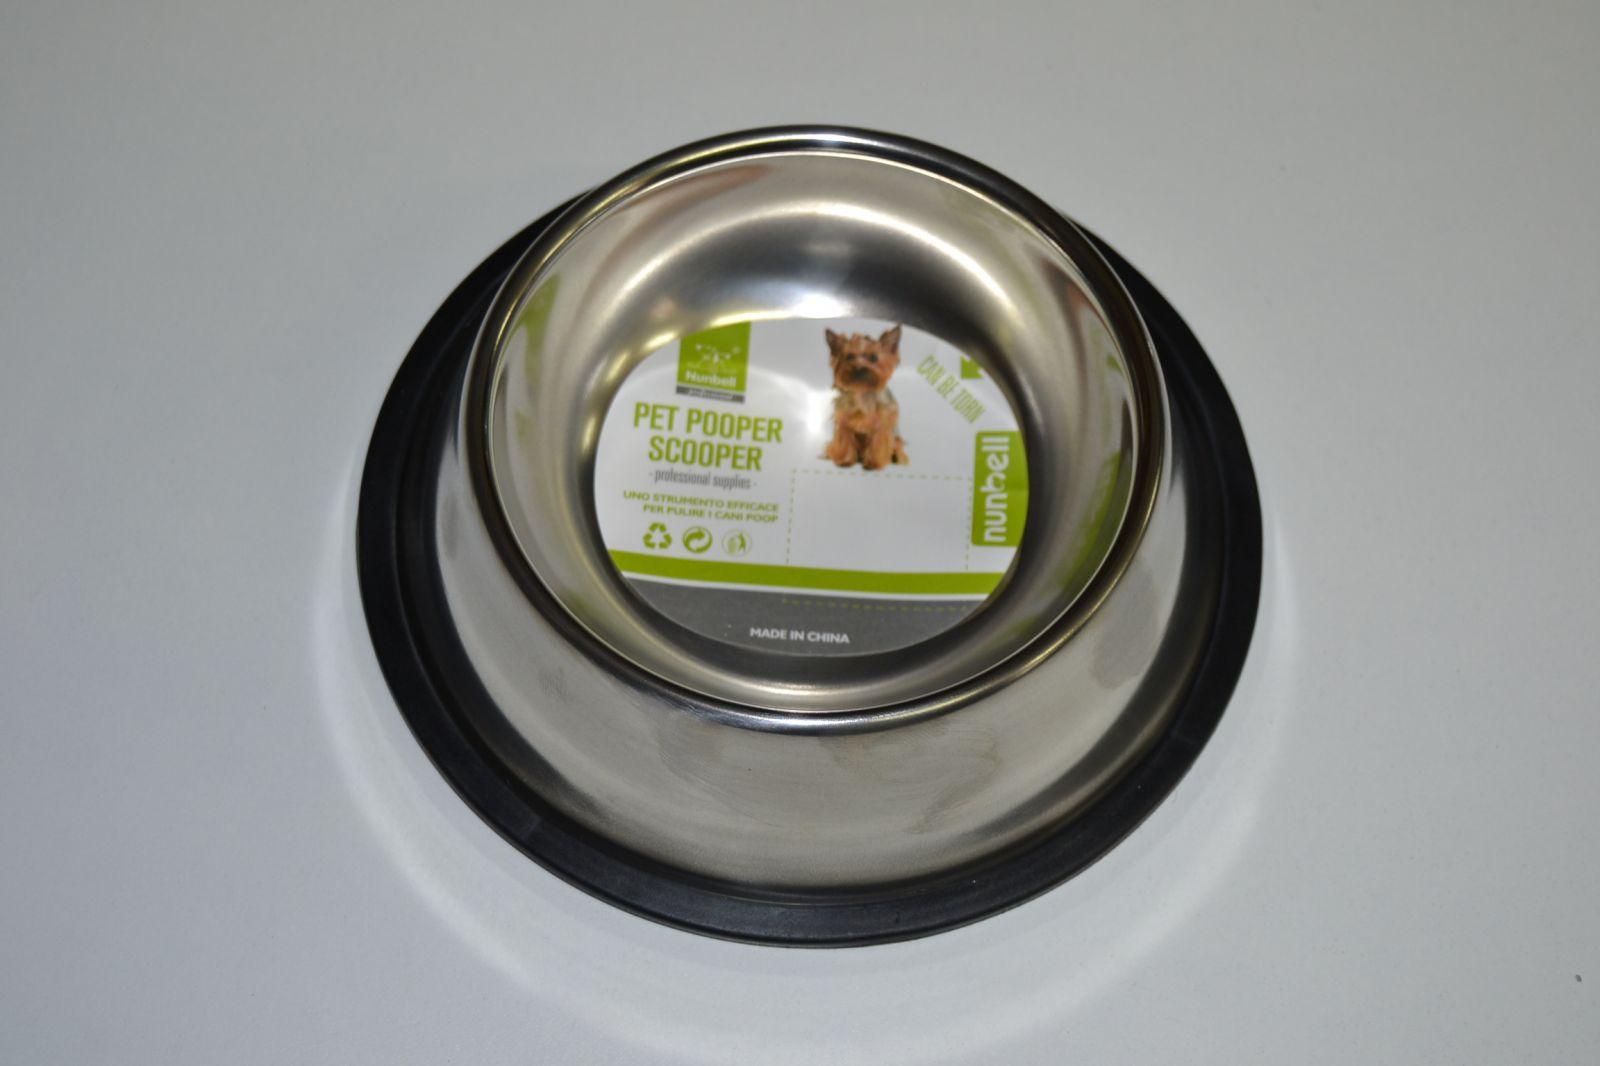 Nerezová miska pro psy a kočky 11cm, 0,2l s protiskluzovou úpravou